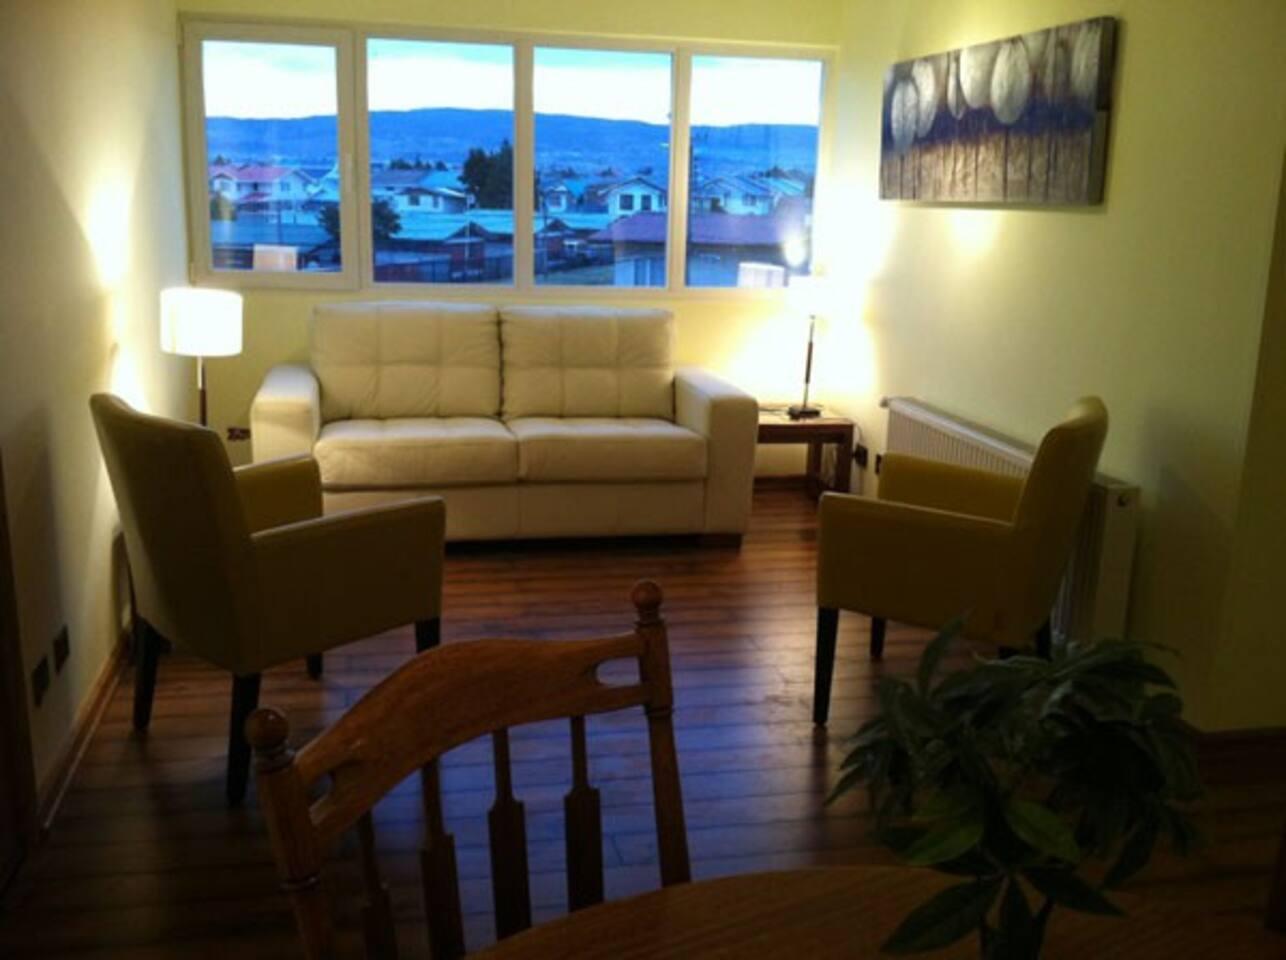 Lindo Departamento En Av Bulnes Punta Arenas Departamentos En  # Muebles Lenga Punta Arenas